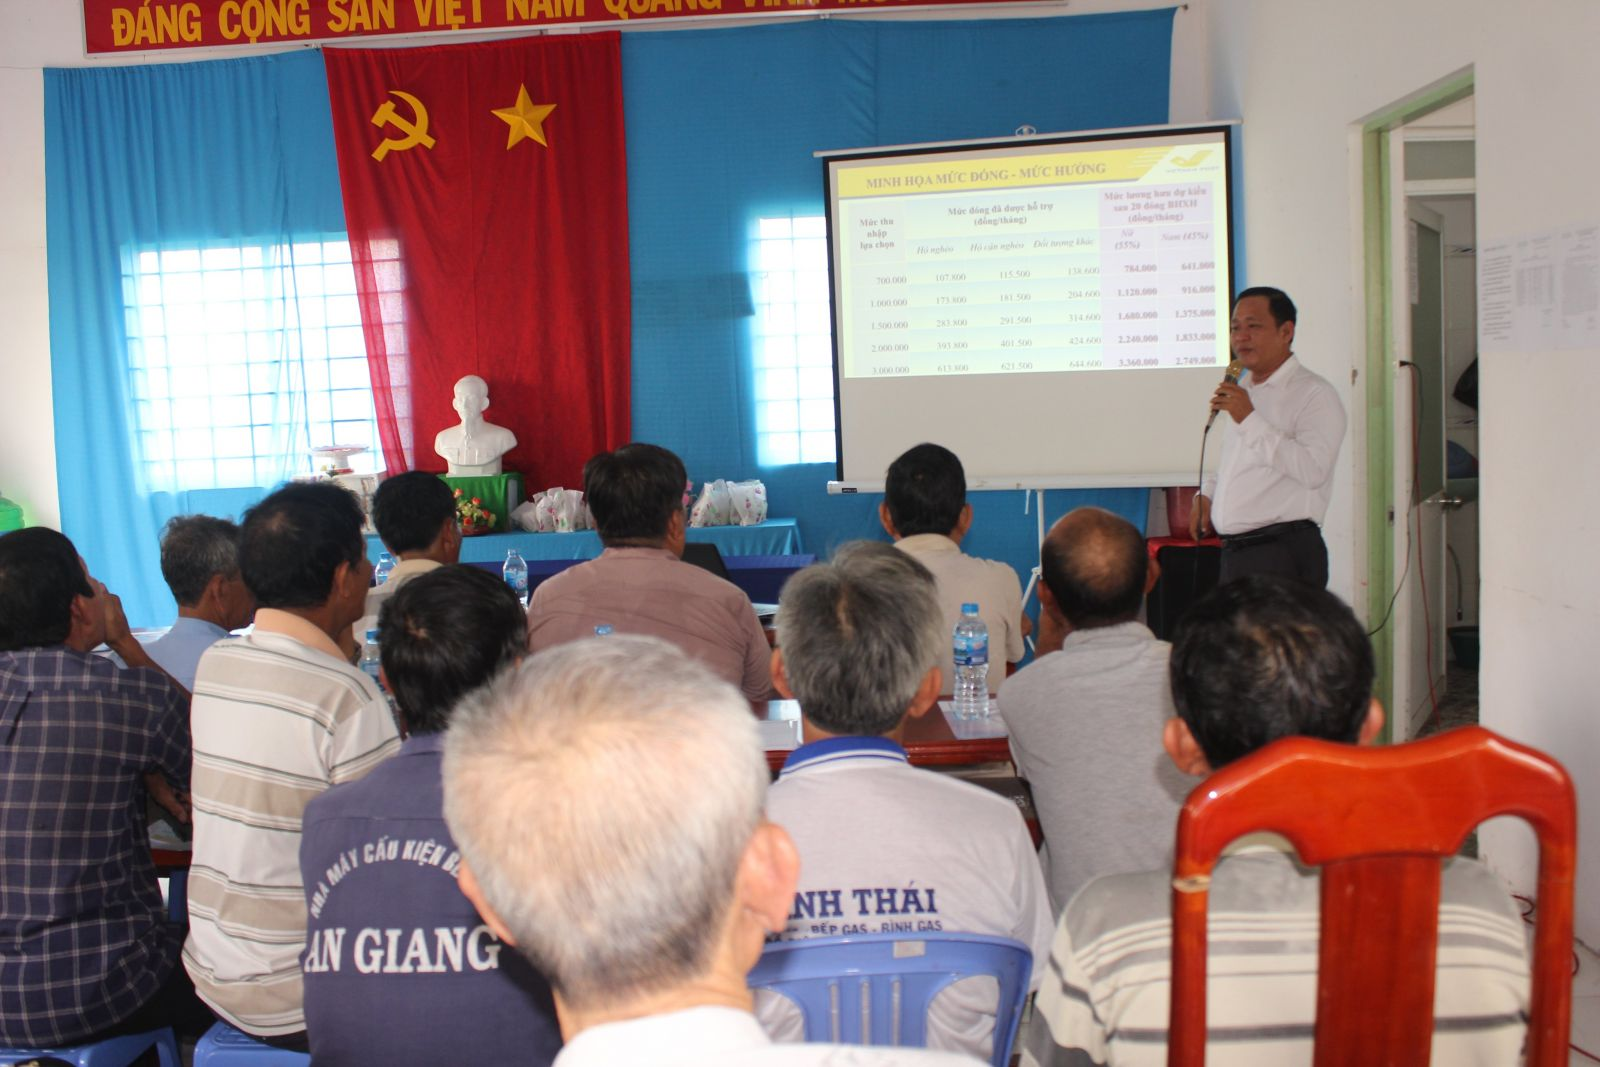 Bưu điện và BHXH tỉnh An Giang  phối hợp phát triển đối tượng tham gia BHXH tự nguyện